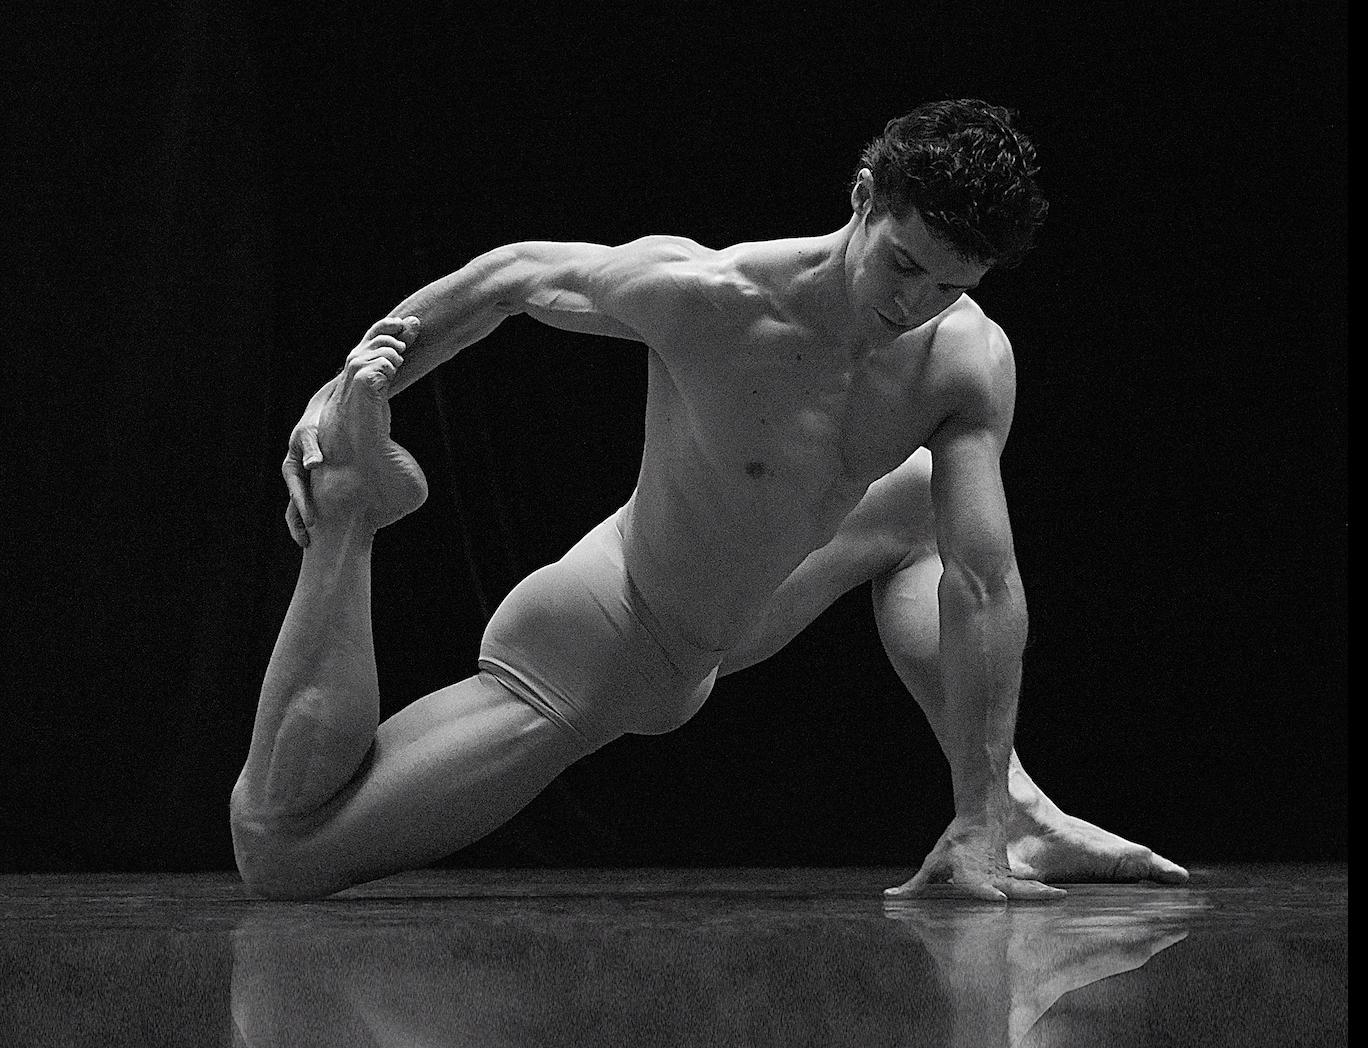 Gastel e Bolle: l'arte della fotografia incontra l'arte della danza in una mostra a Milano